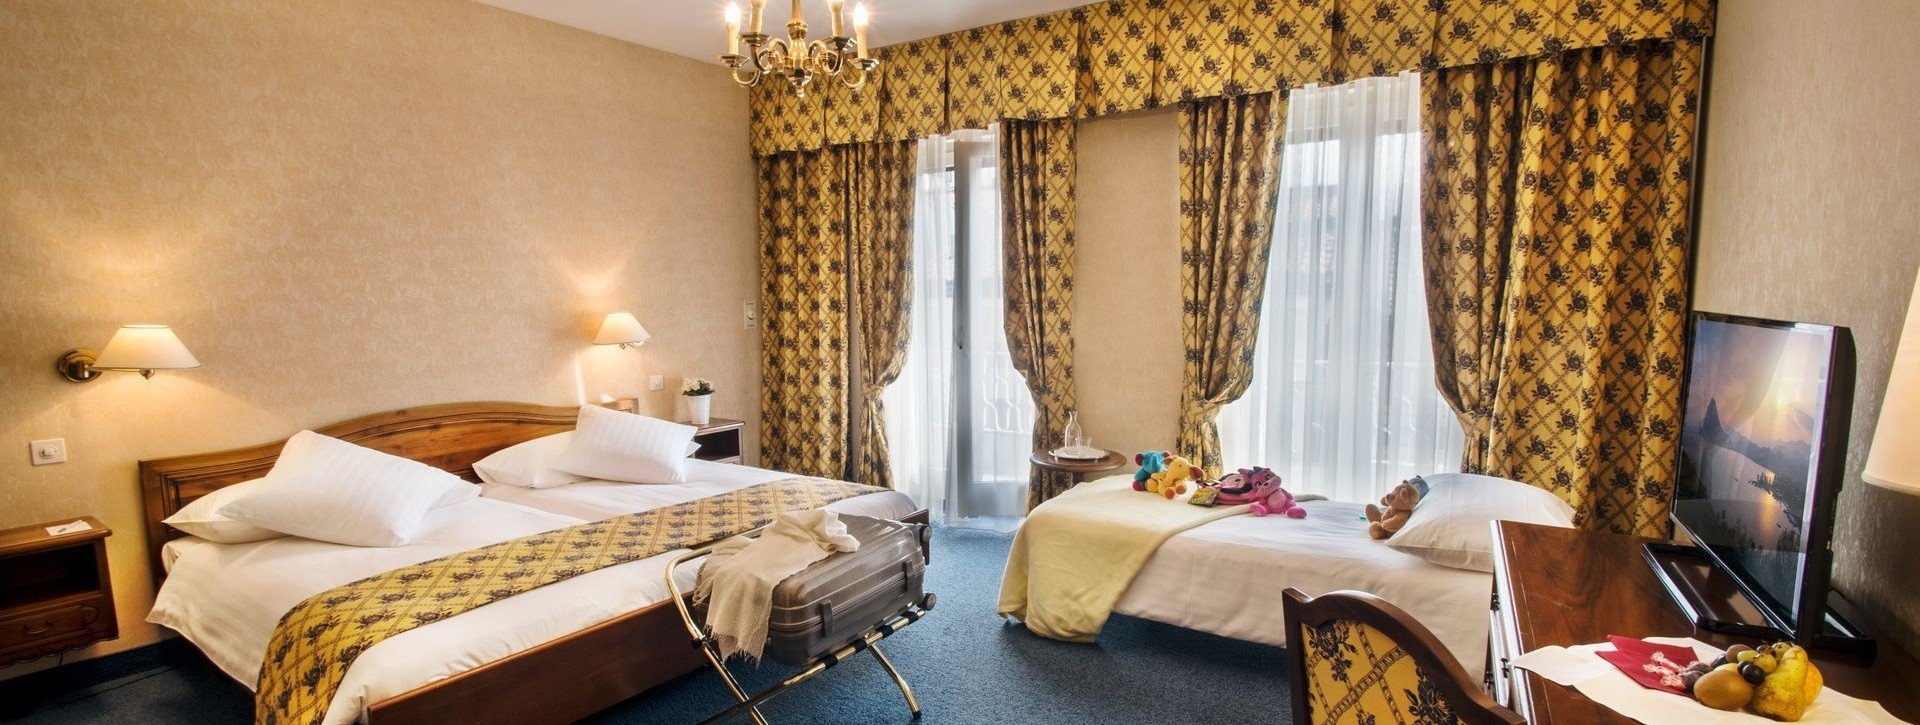 Drei-oder Vierbettzimmer » Hotel International au Lac Lugano